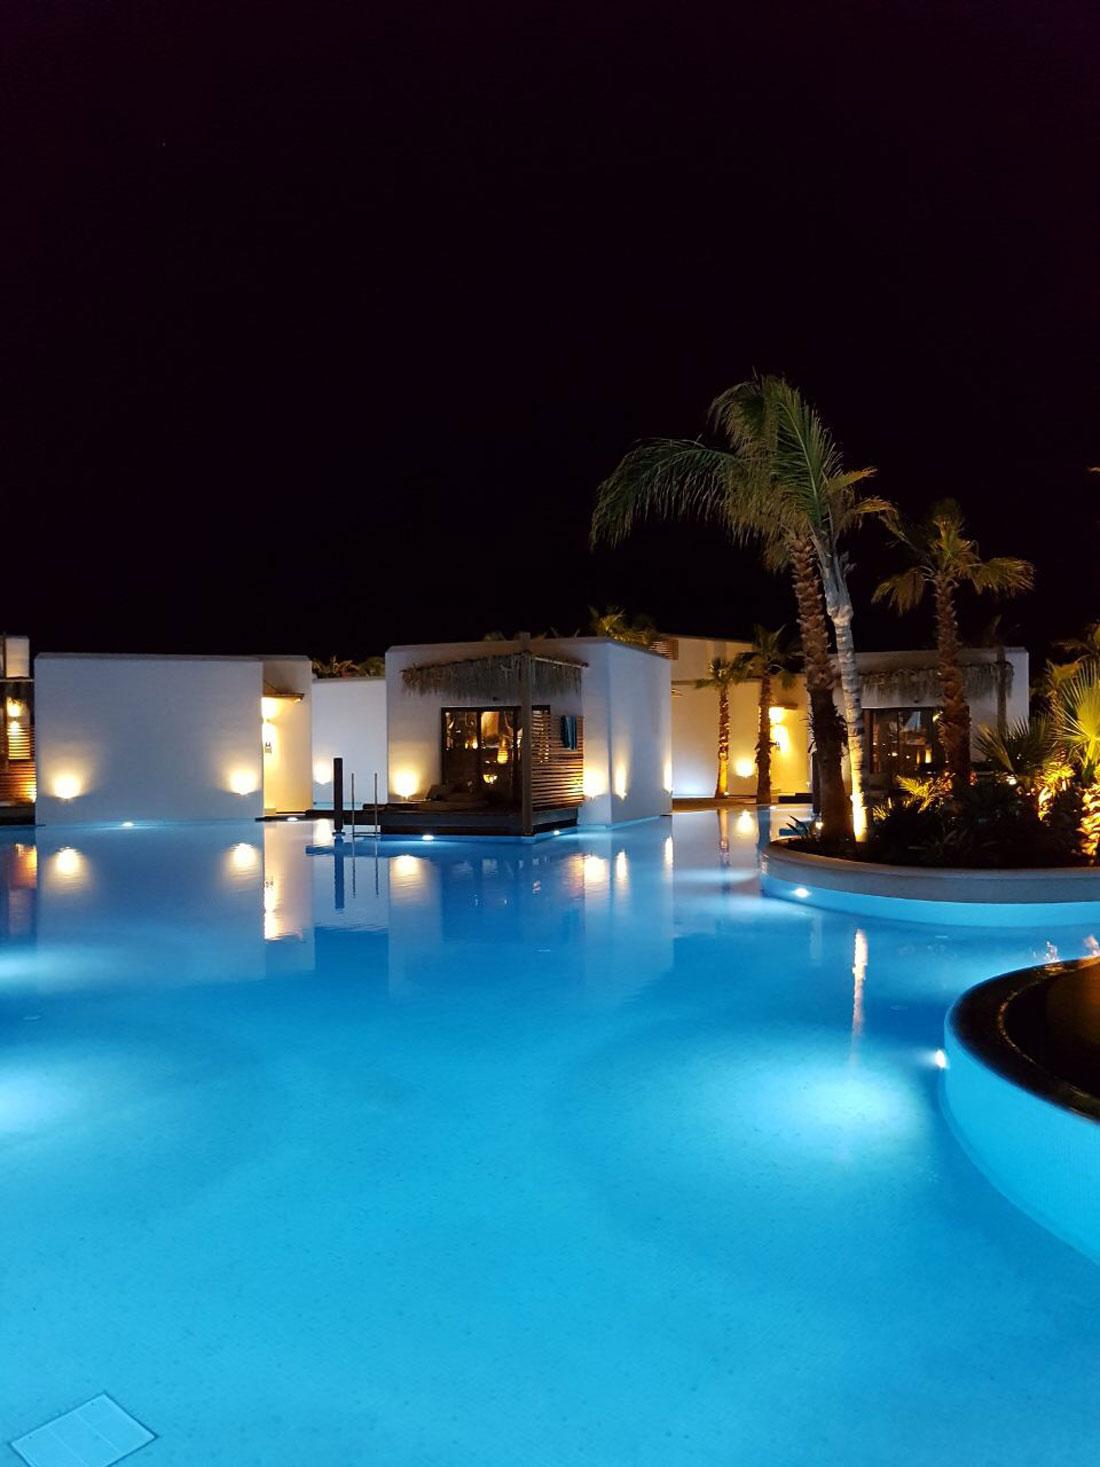 Referenza AVE Hotel in Grecia - Piscina